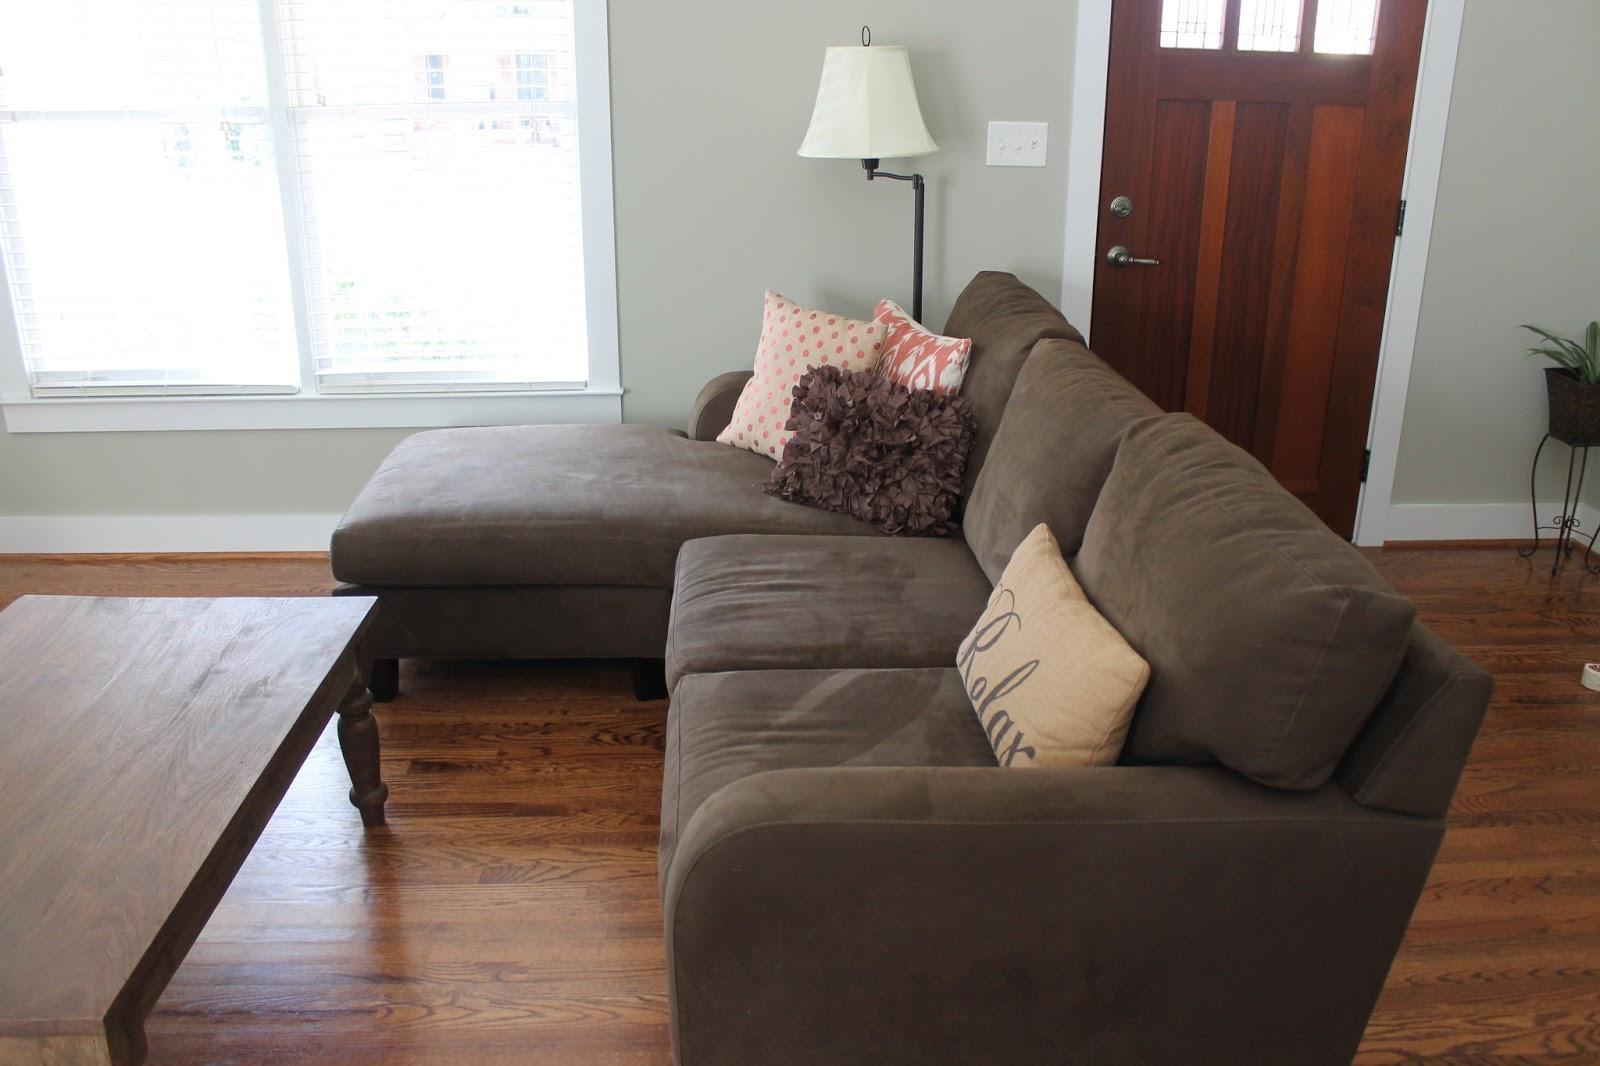 20 photos cindy crawford microfiber sofas sofa ideas for Elegant living room sofas